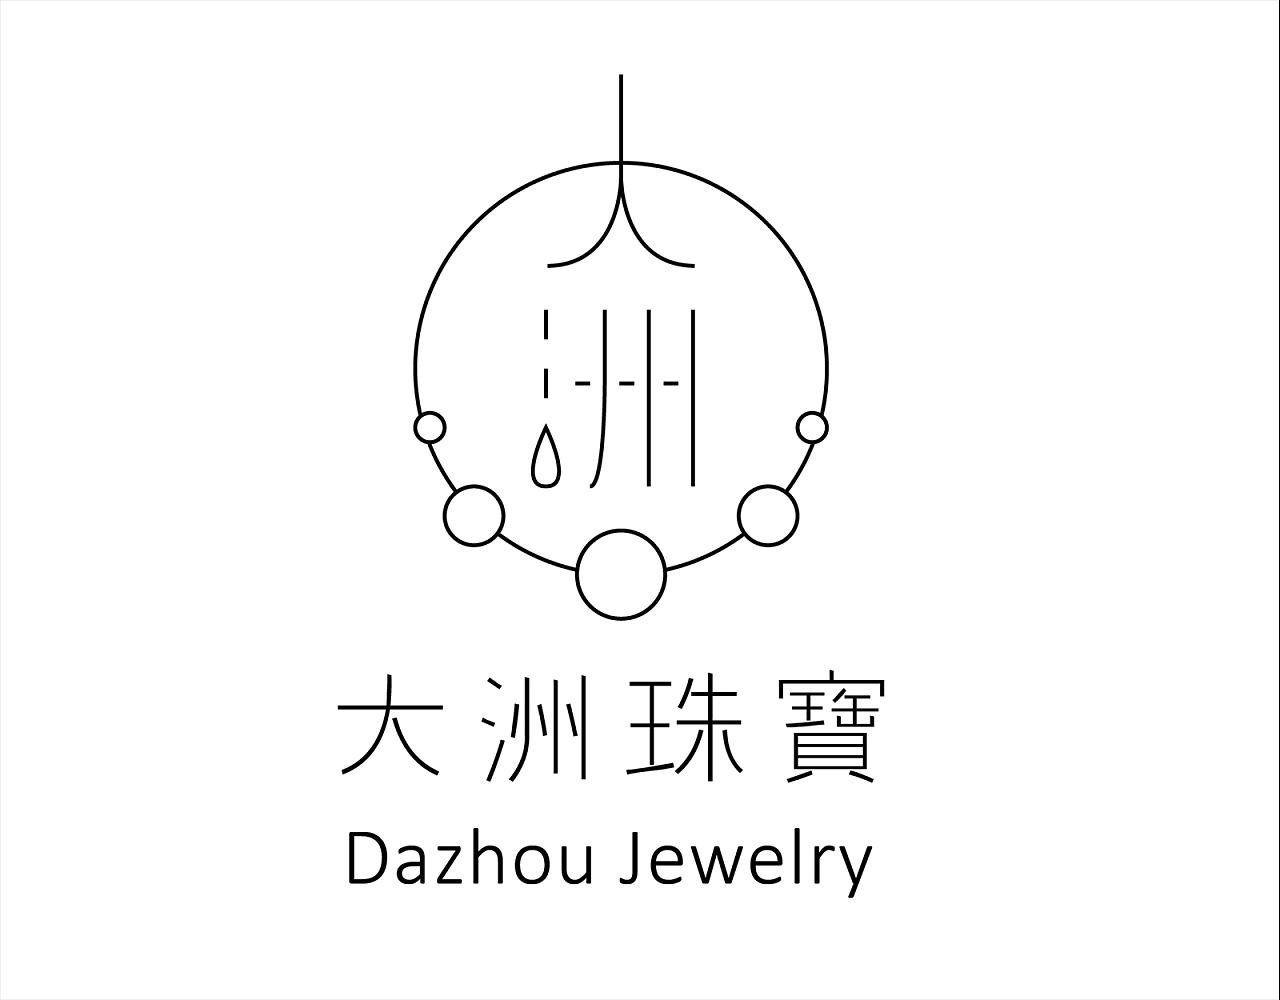 珠宝logo|平面|标志|明东 - 原创作品 - 站酷 (zcool)图片